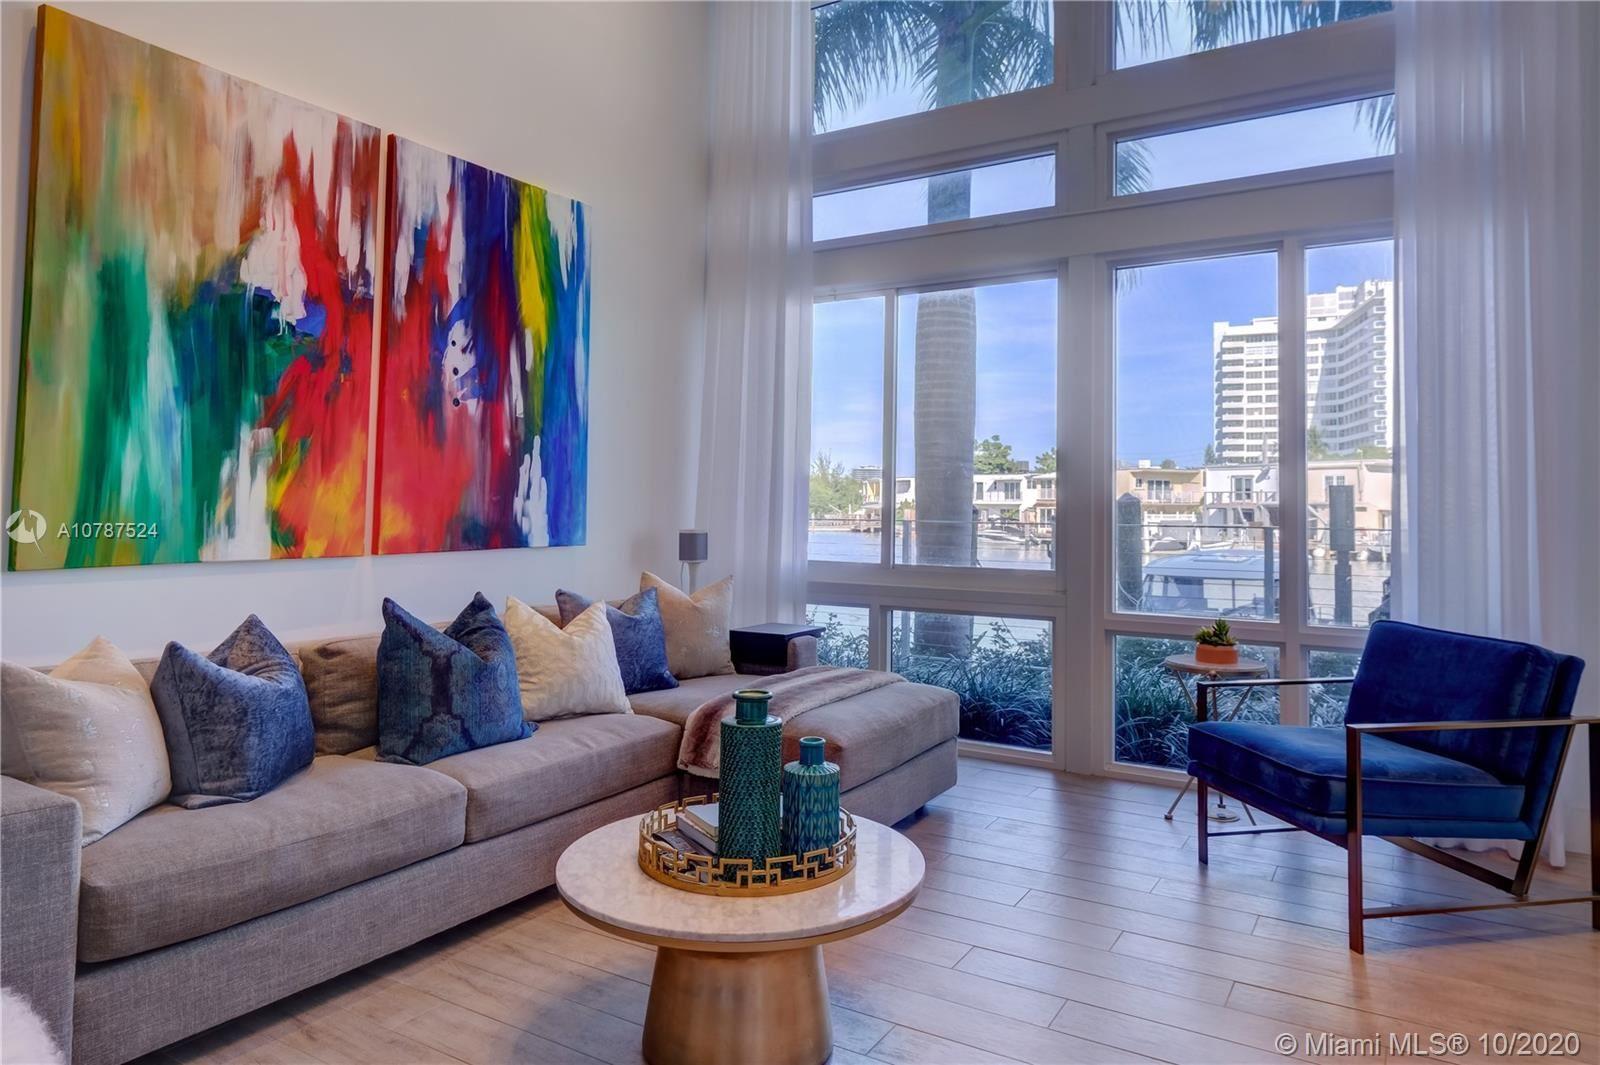 77 N Shore Dr #77, Miami Beach, FL 33141 - MLS#: A10787524